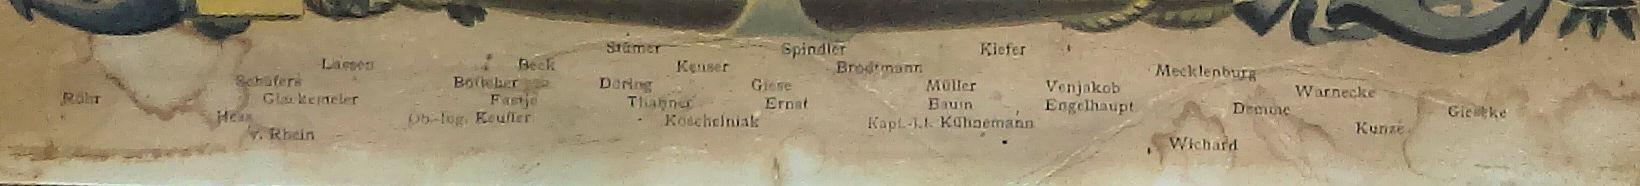 S.M.S. Hela, Namen der Besatzungsmitglieder